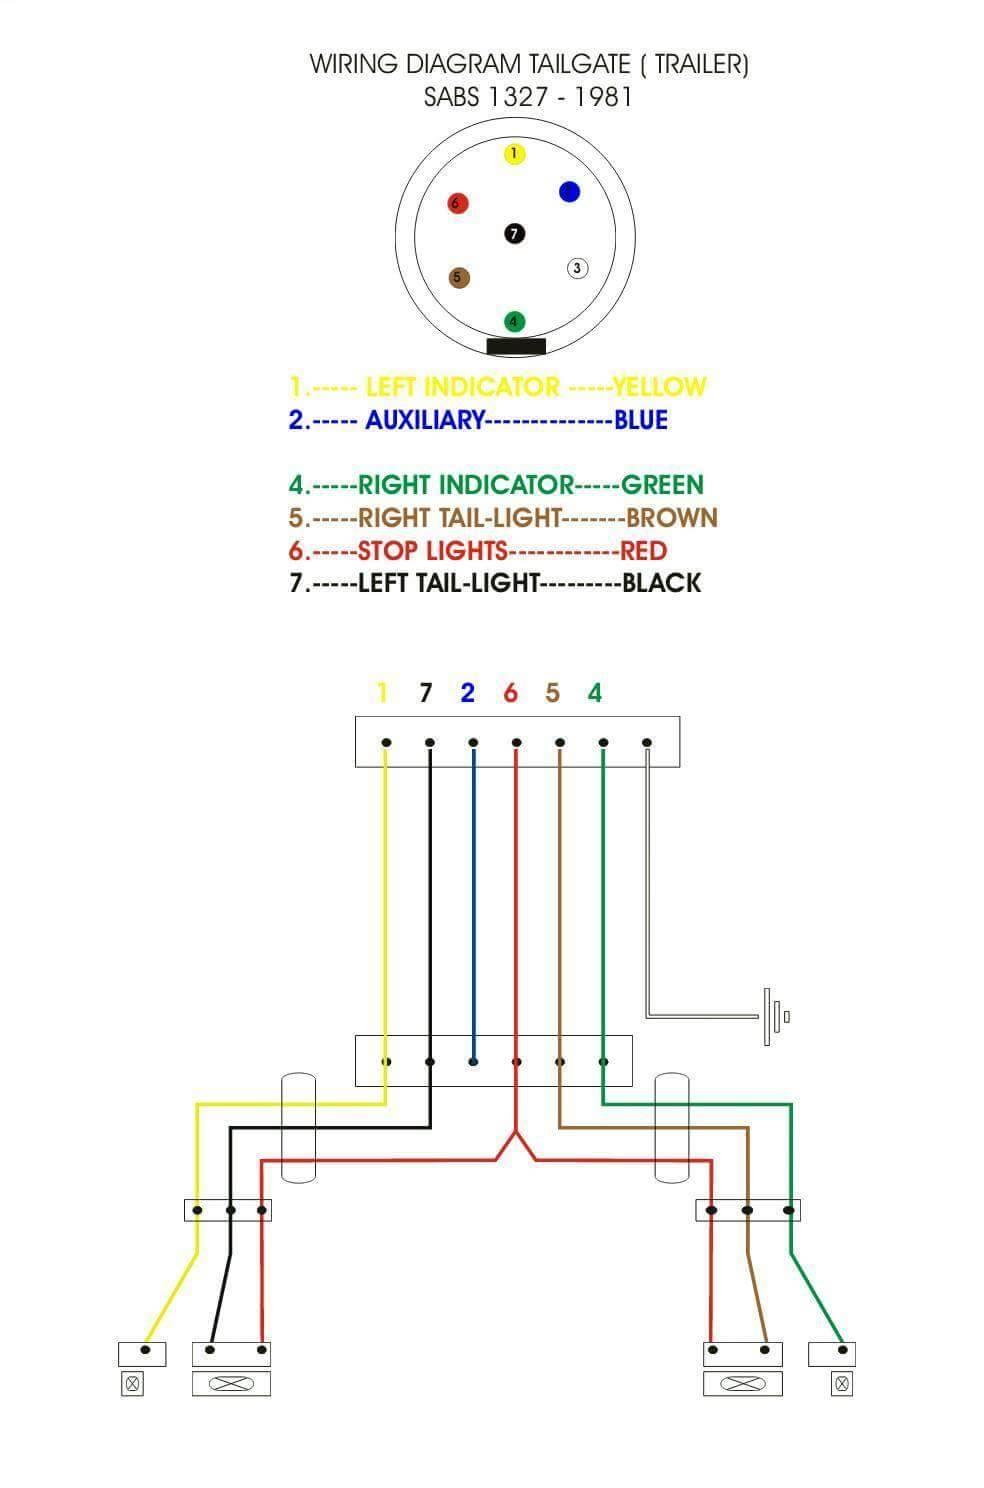 Tailgate Wiring Diagram